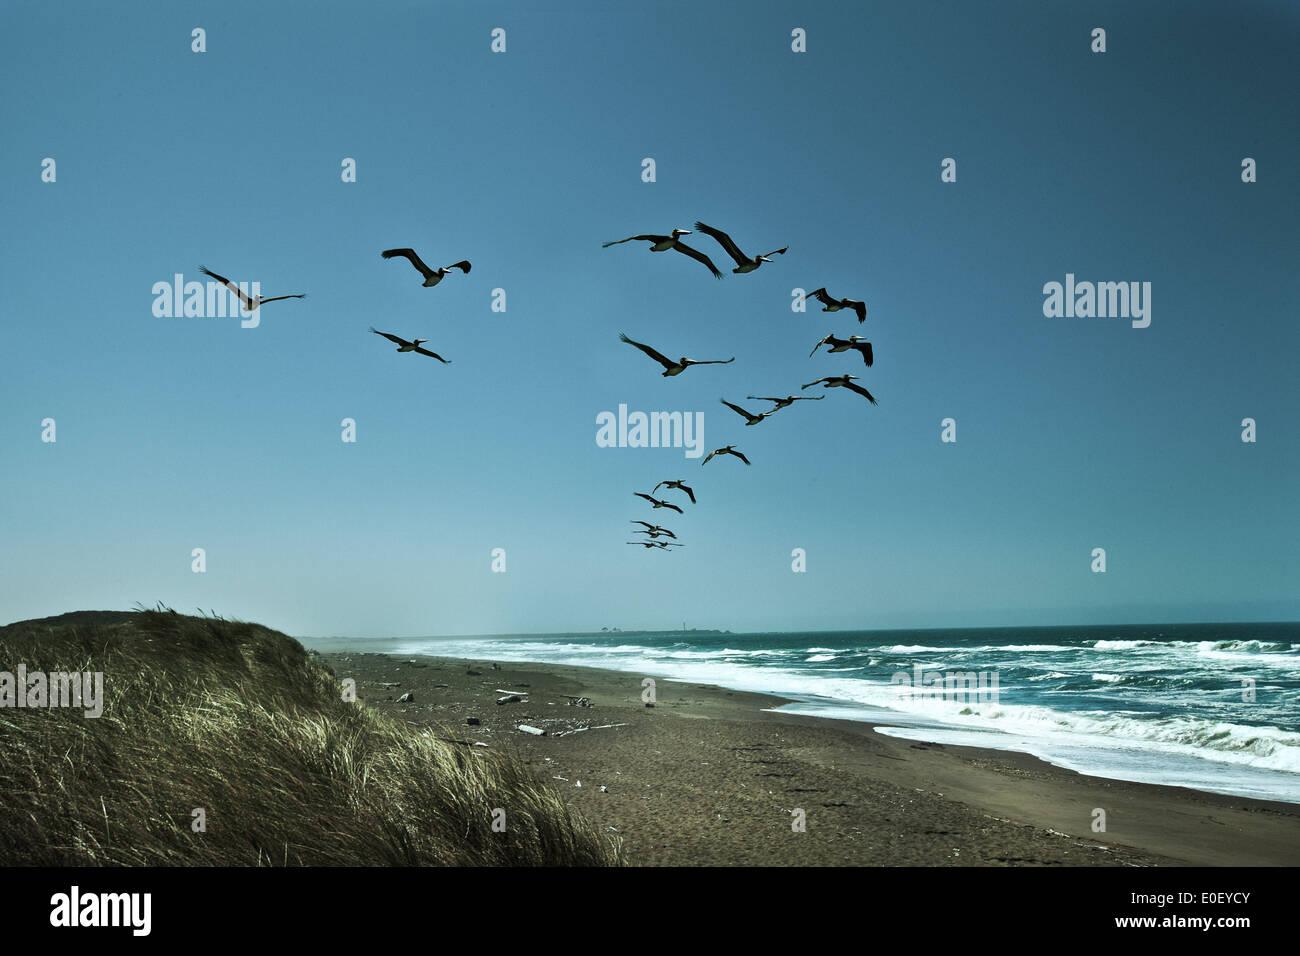 Escuadrón de pelícanos en vuelo sobre la playa Imagen De Stock